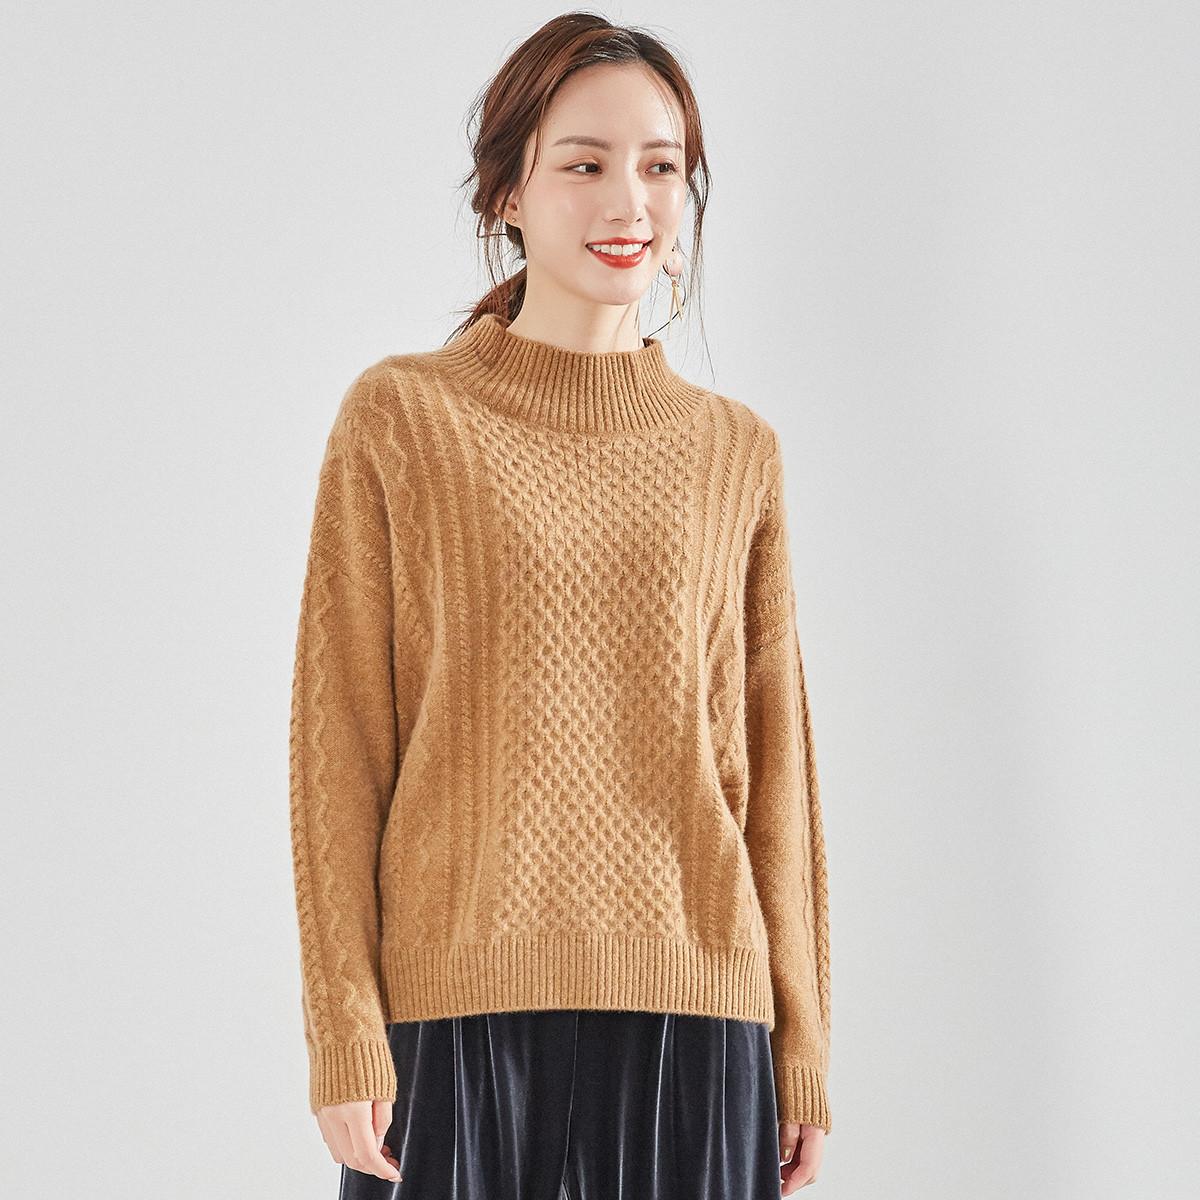 春竹【2019新品】春竹高领宽松加厚保暖100%羊绒衫女式毛衣V1SA1B09-8091